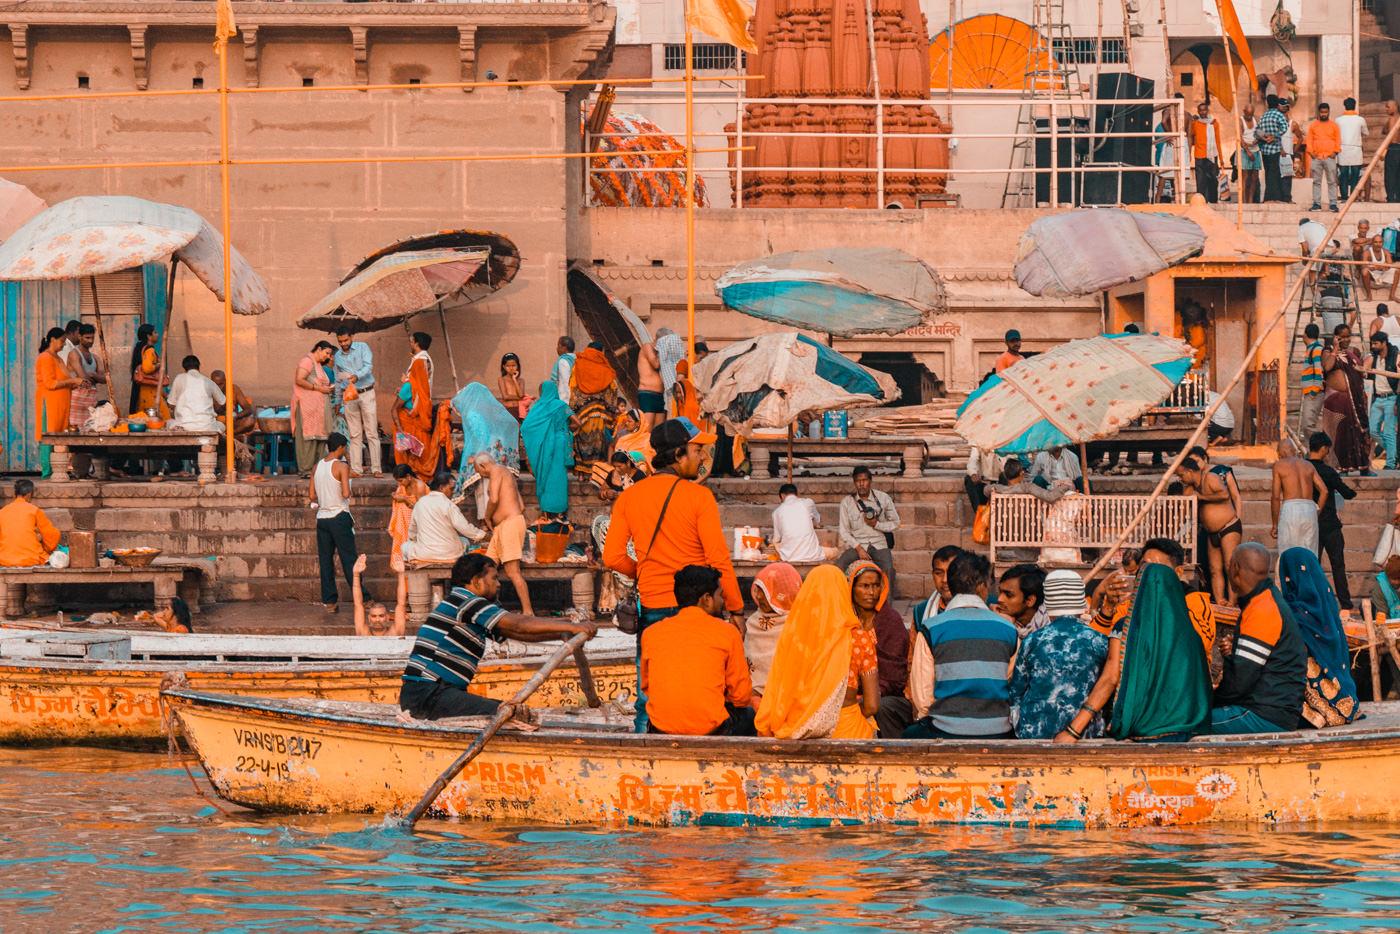 Bootsfahrt in Varanasi, Indien